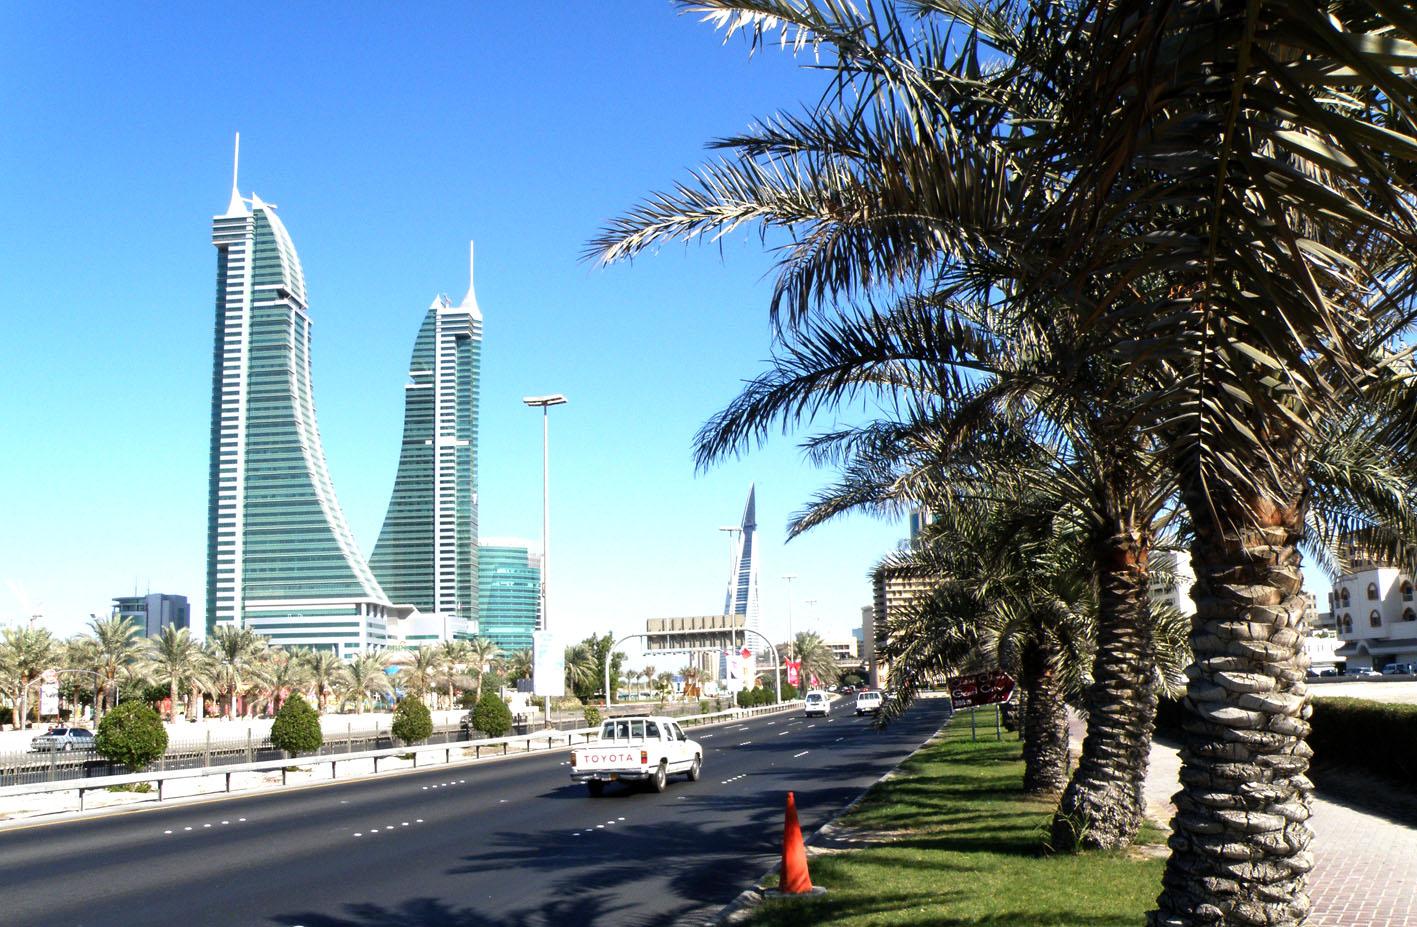 розовая древесина смотреть фото бахрейн мастер-класс очень подробно